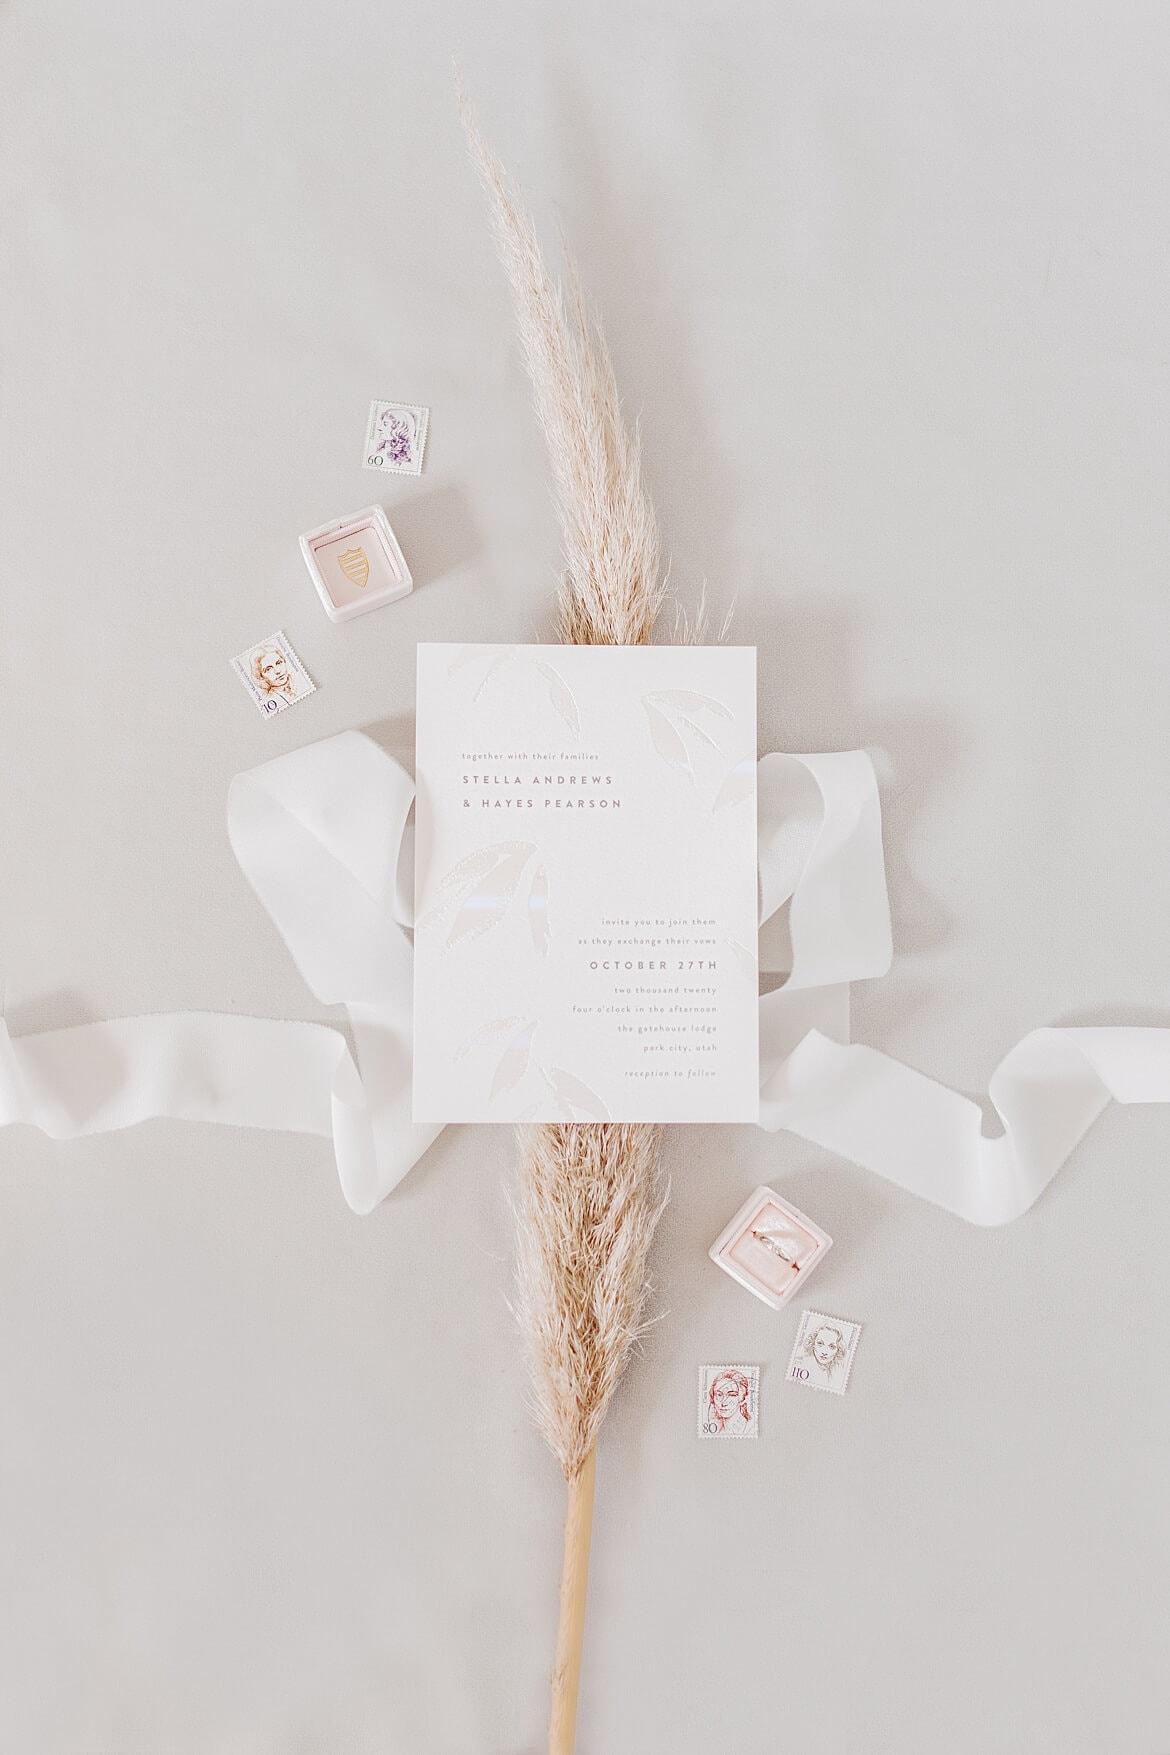 Gestyltes Flatlay mit einer Einladung, Ringbox, Briefmarken, Seidenband und einer Trockenblume